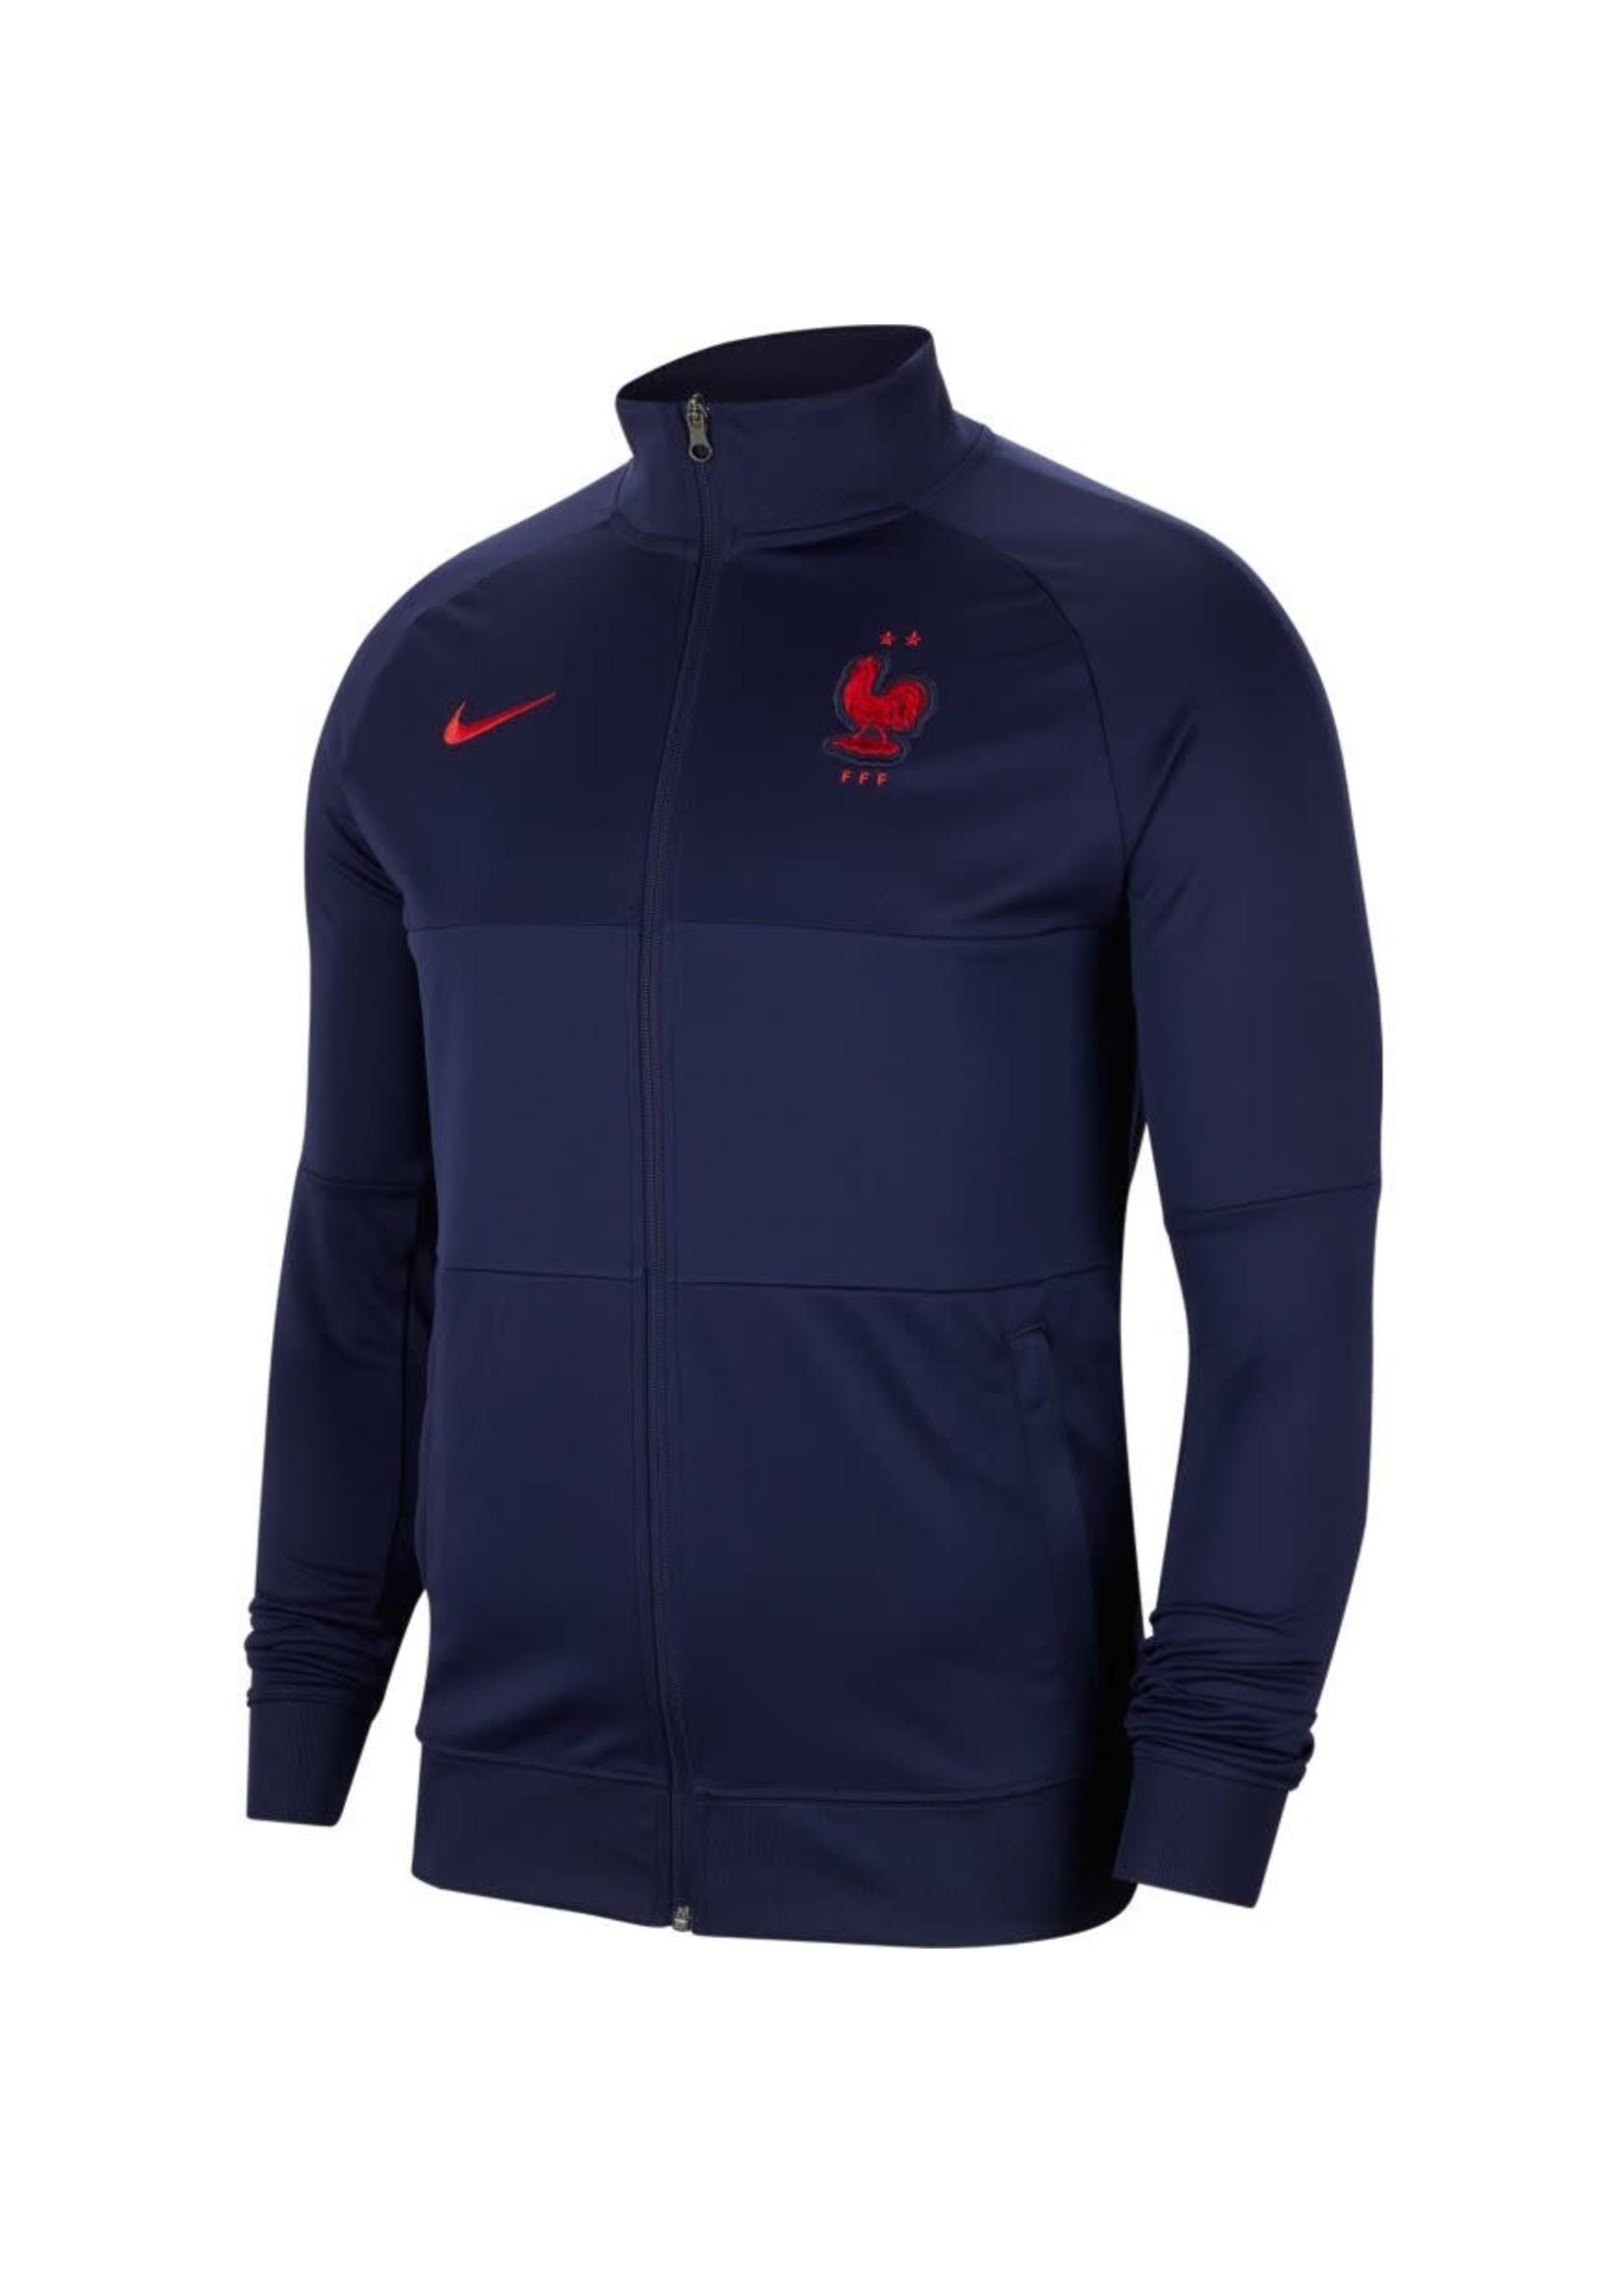 Nike France Anthem Track Jacket - Full Zip